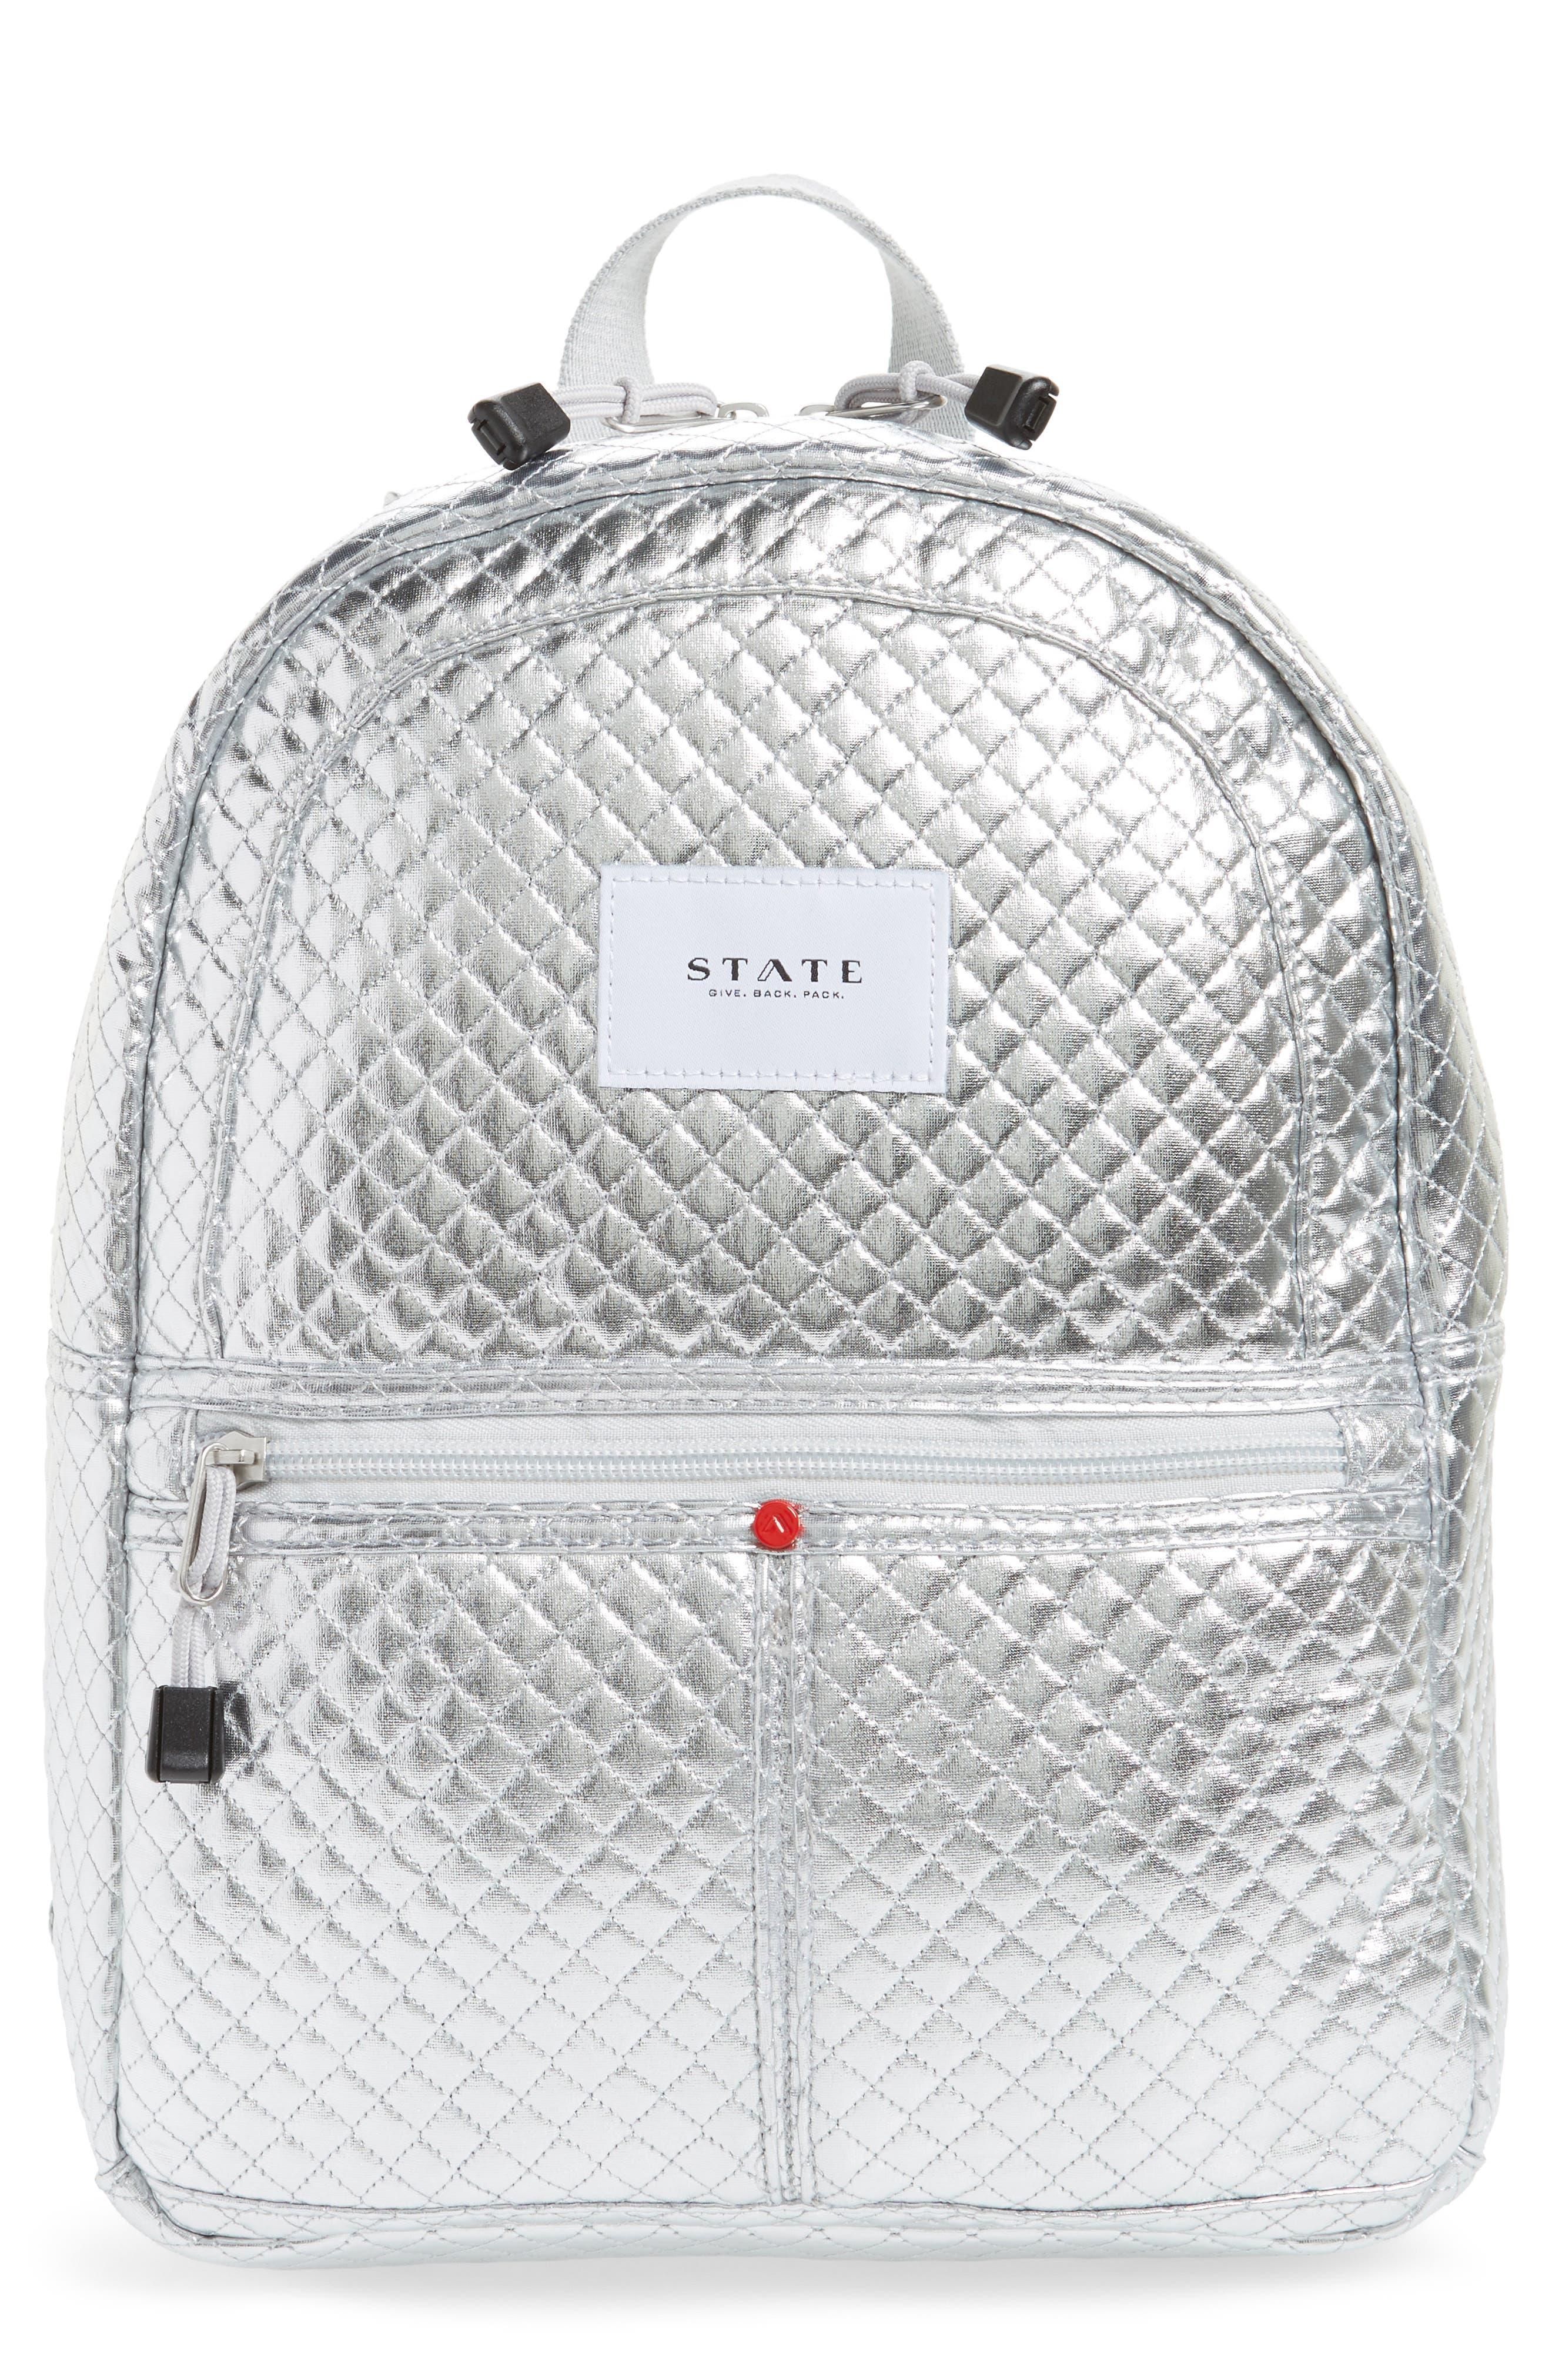 Flatbush Mini Kane Backpack,                             Main thumbnail 1, color,                             040